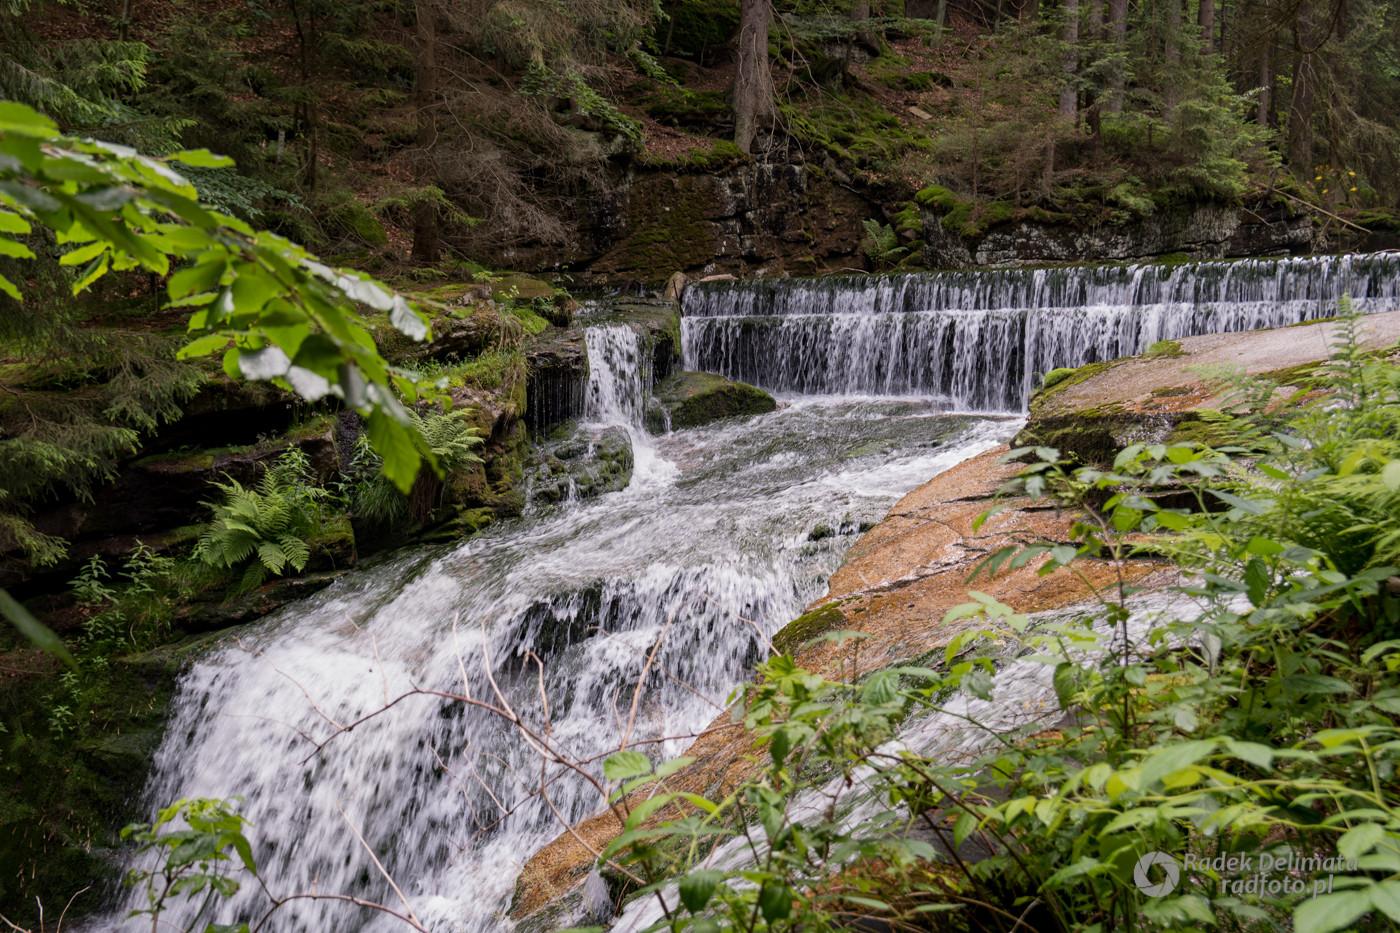 Szklarska Poręba obok Wodospad Szklarki